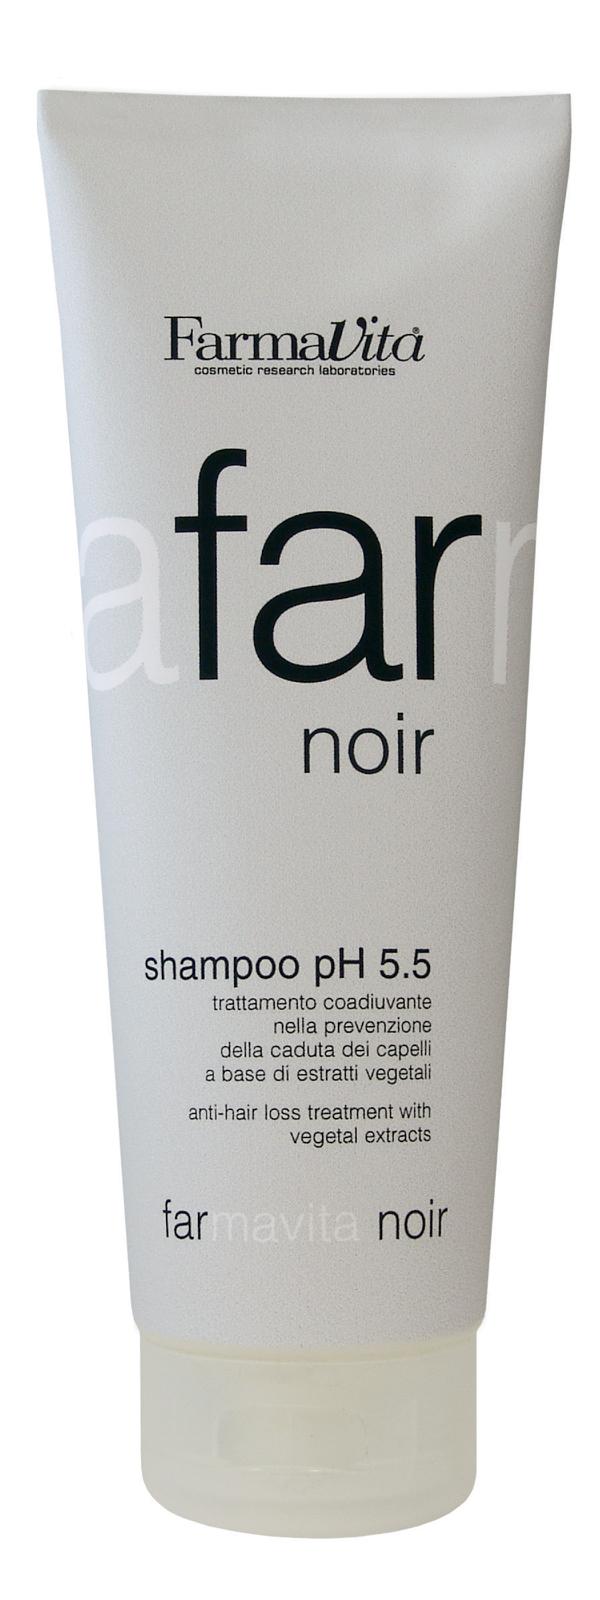 FARMAVITA Шампунь специальный д/мужчин Farmavita Noir Shampoo ph 5.5 / FARMAVITA NOIR LINE 250 млВолосы<br>Специальный шампунь, предотвращающий выпадение волос, на базе растительных экстрактов. Разработан специально для мужчин. Предупреждает выпадение волос, вызванное гормональным сбоем, стрессом, воздействием окружающей среды, дисбалансом, воспалением кожи головы и сменой сезонов года. Подходит для всех типов кожи. Активные ингредиенты: содержит 20 растительных экстрактов Средиземноморья. Розмарин, горная арника, шалфей и зверобой, входящие в состав FARMAVITA NOIR улучшают состояние кожи, которое было нарушено усиленной работой сальных желез и образованием перхоти, делают волосы здоровыми и блестящими. Экстракт перечной мяты дает приятное и продолжительное ощущение свежести. Способ применения: нанести на мокрые волосы, вмассировать. Промыть водой. При необходимости повторить. Для интенсивного воздействия использовать с  Специальным лосьоном против выпадения волос для мужчин . Пожходит для всех типов кожи головы.<br><br>Объем: 250 мл<br>Назначение: Выпадение